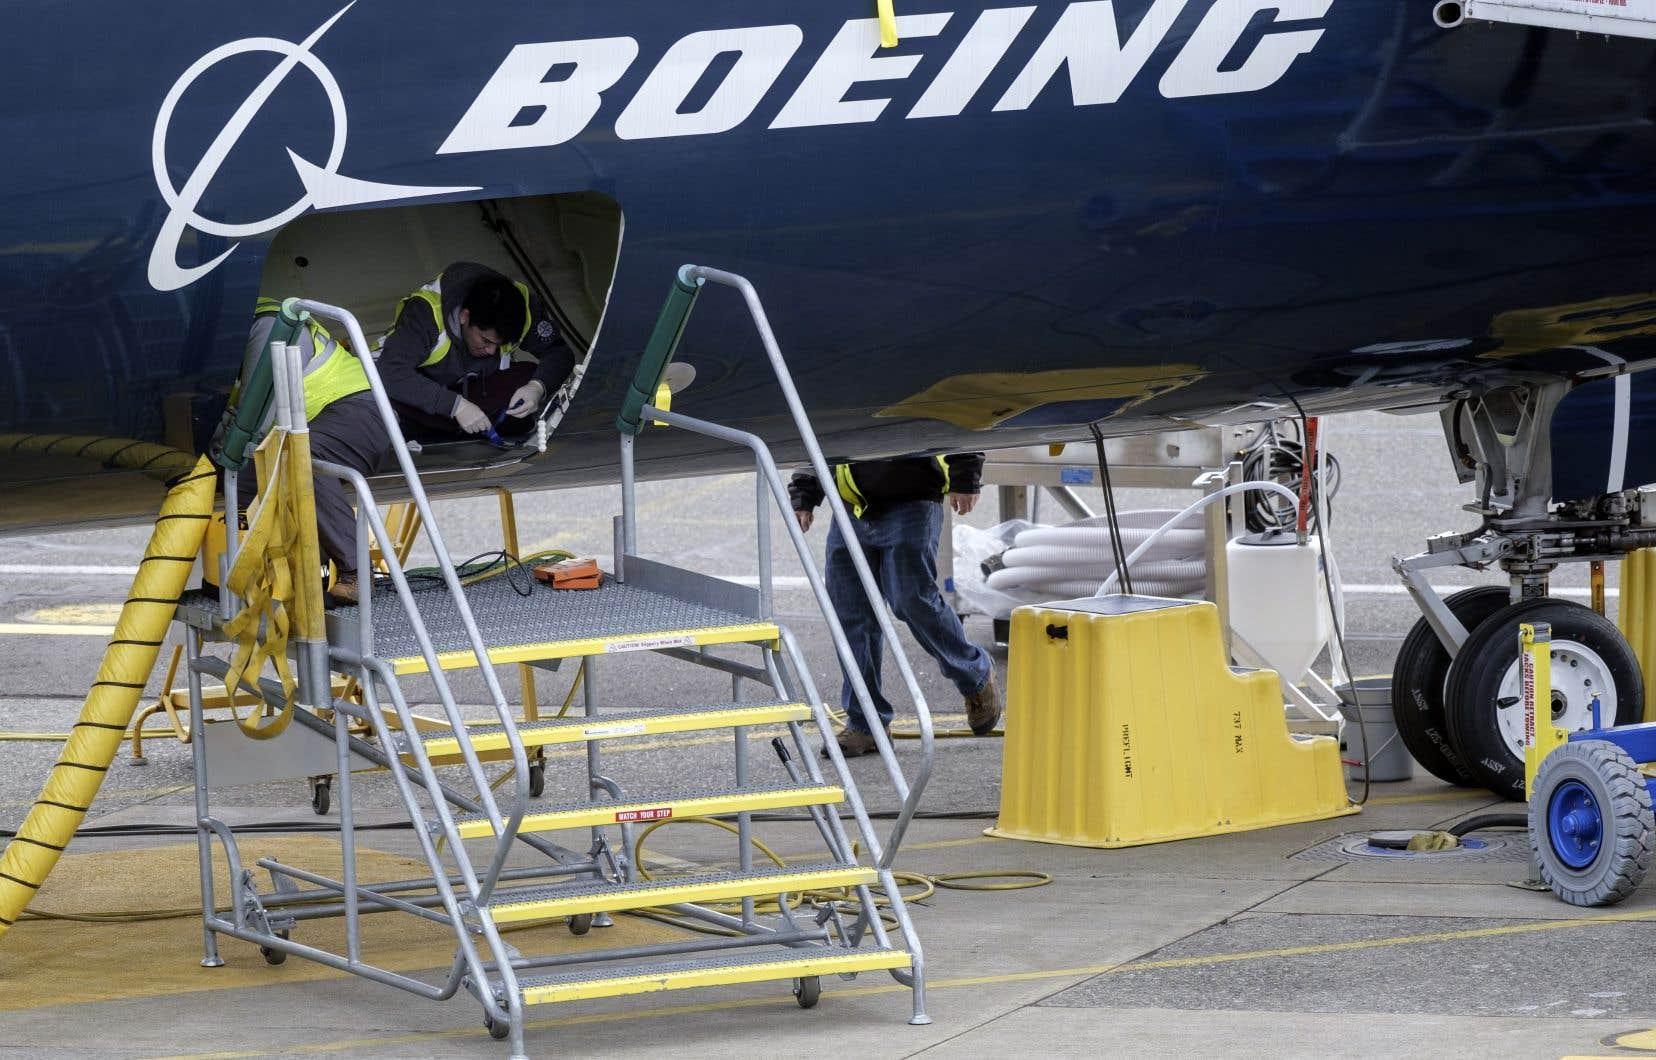 Depuis 2005, les représentants responsables de la certification d'un appareil ne sont plus nommés par l'agence de l'aviation civile américaine, mais plutôt choisis par l'avionneur concerné.